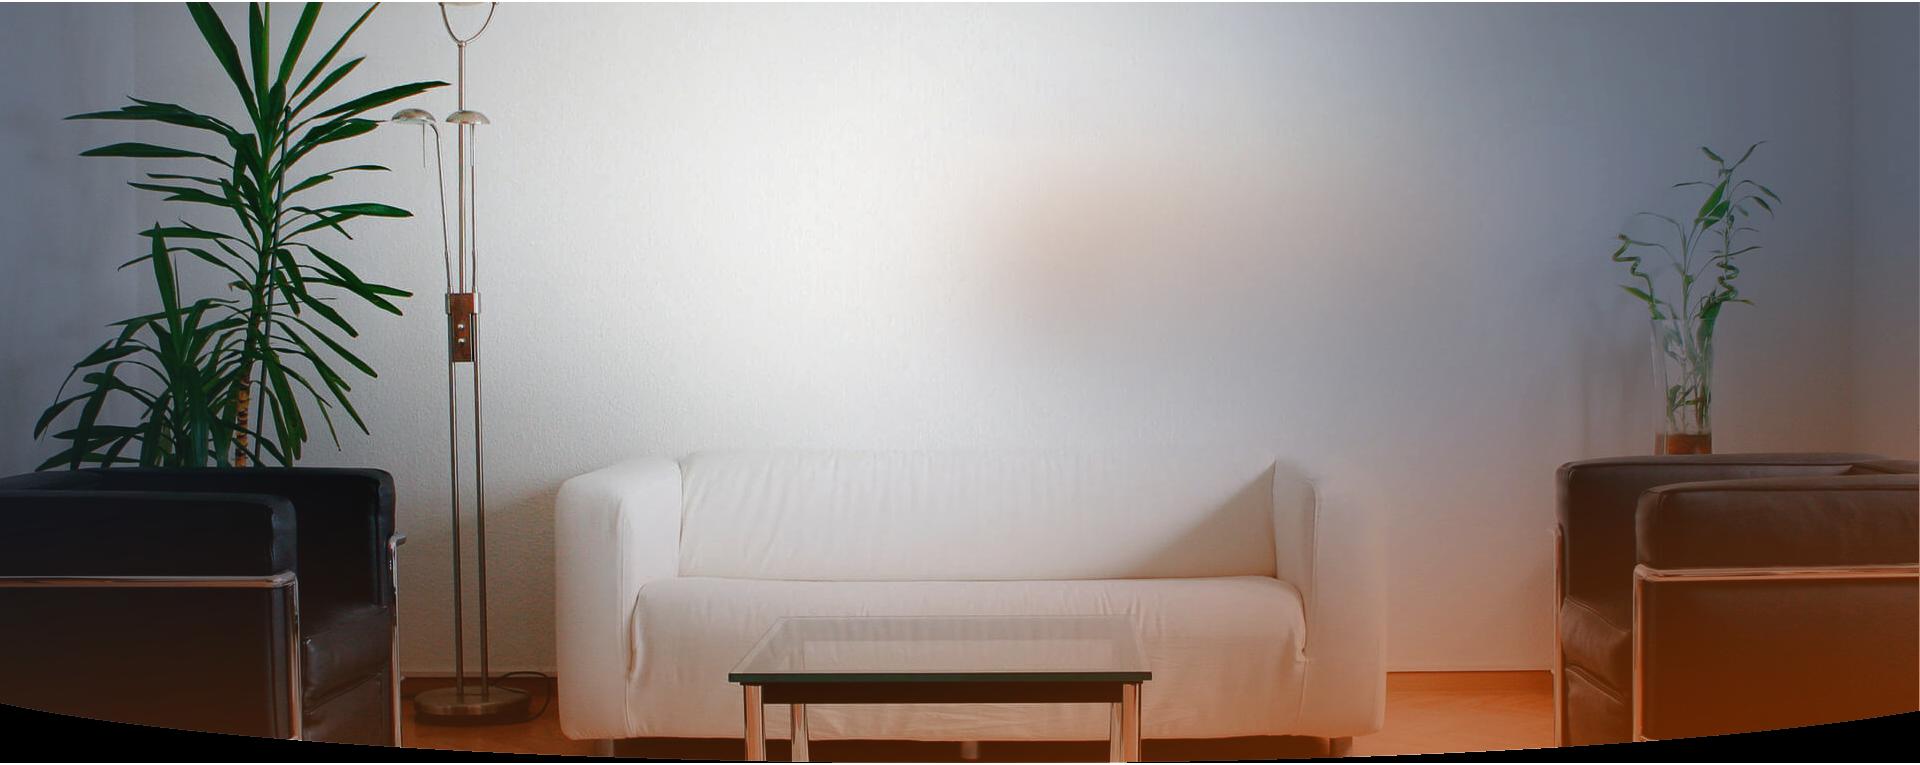 Идеальный выбор для ценителей тишины и прохлады в доме Инверторная сплит-система Mitsubishi Electric MSZ-EF25 VE